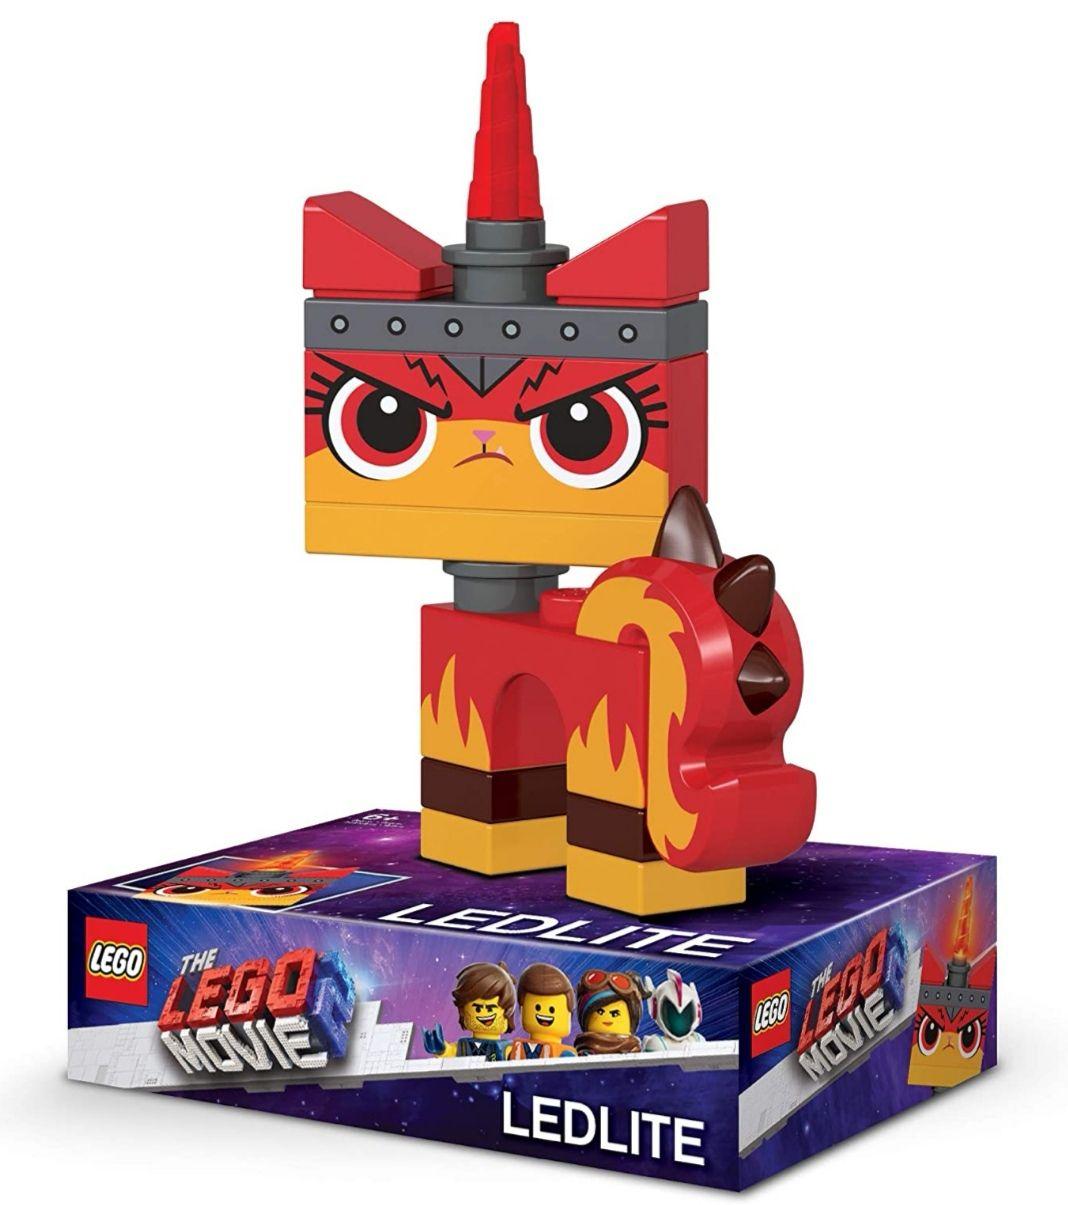 (PRECIO MÍNIMO HISTÓRICO) LEGO Angry Kitty - Luz Nocturna